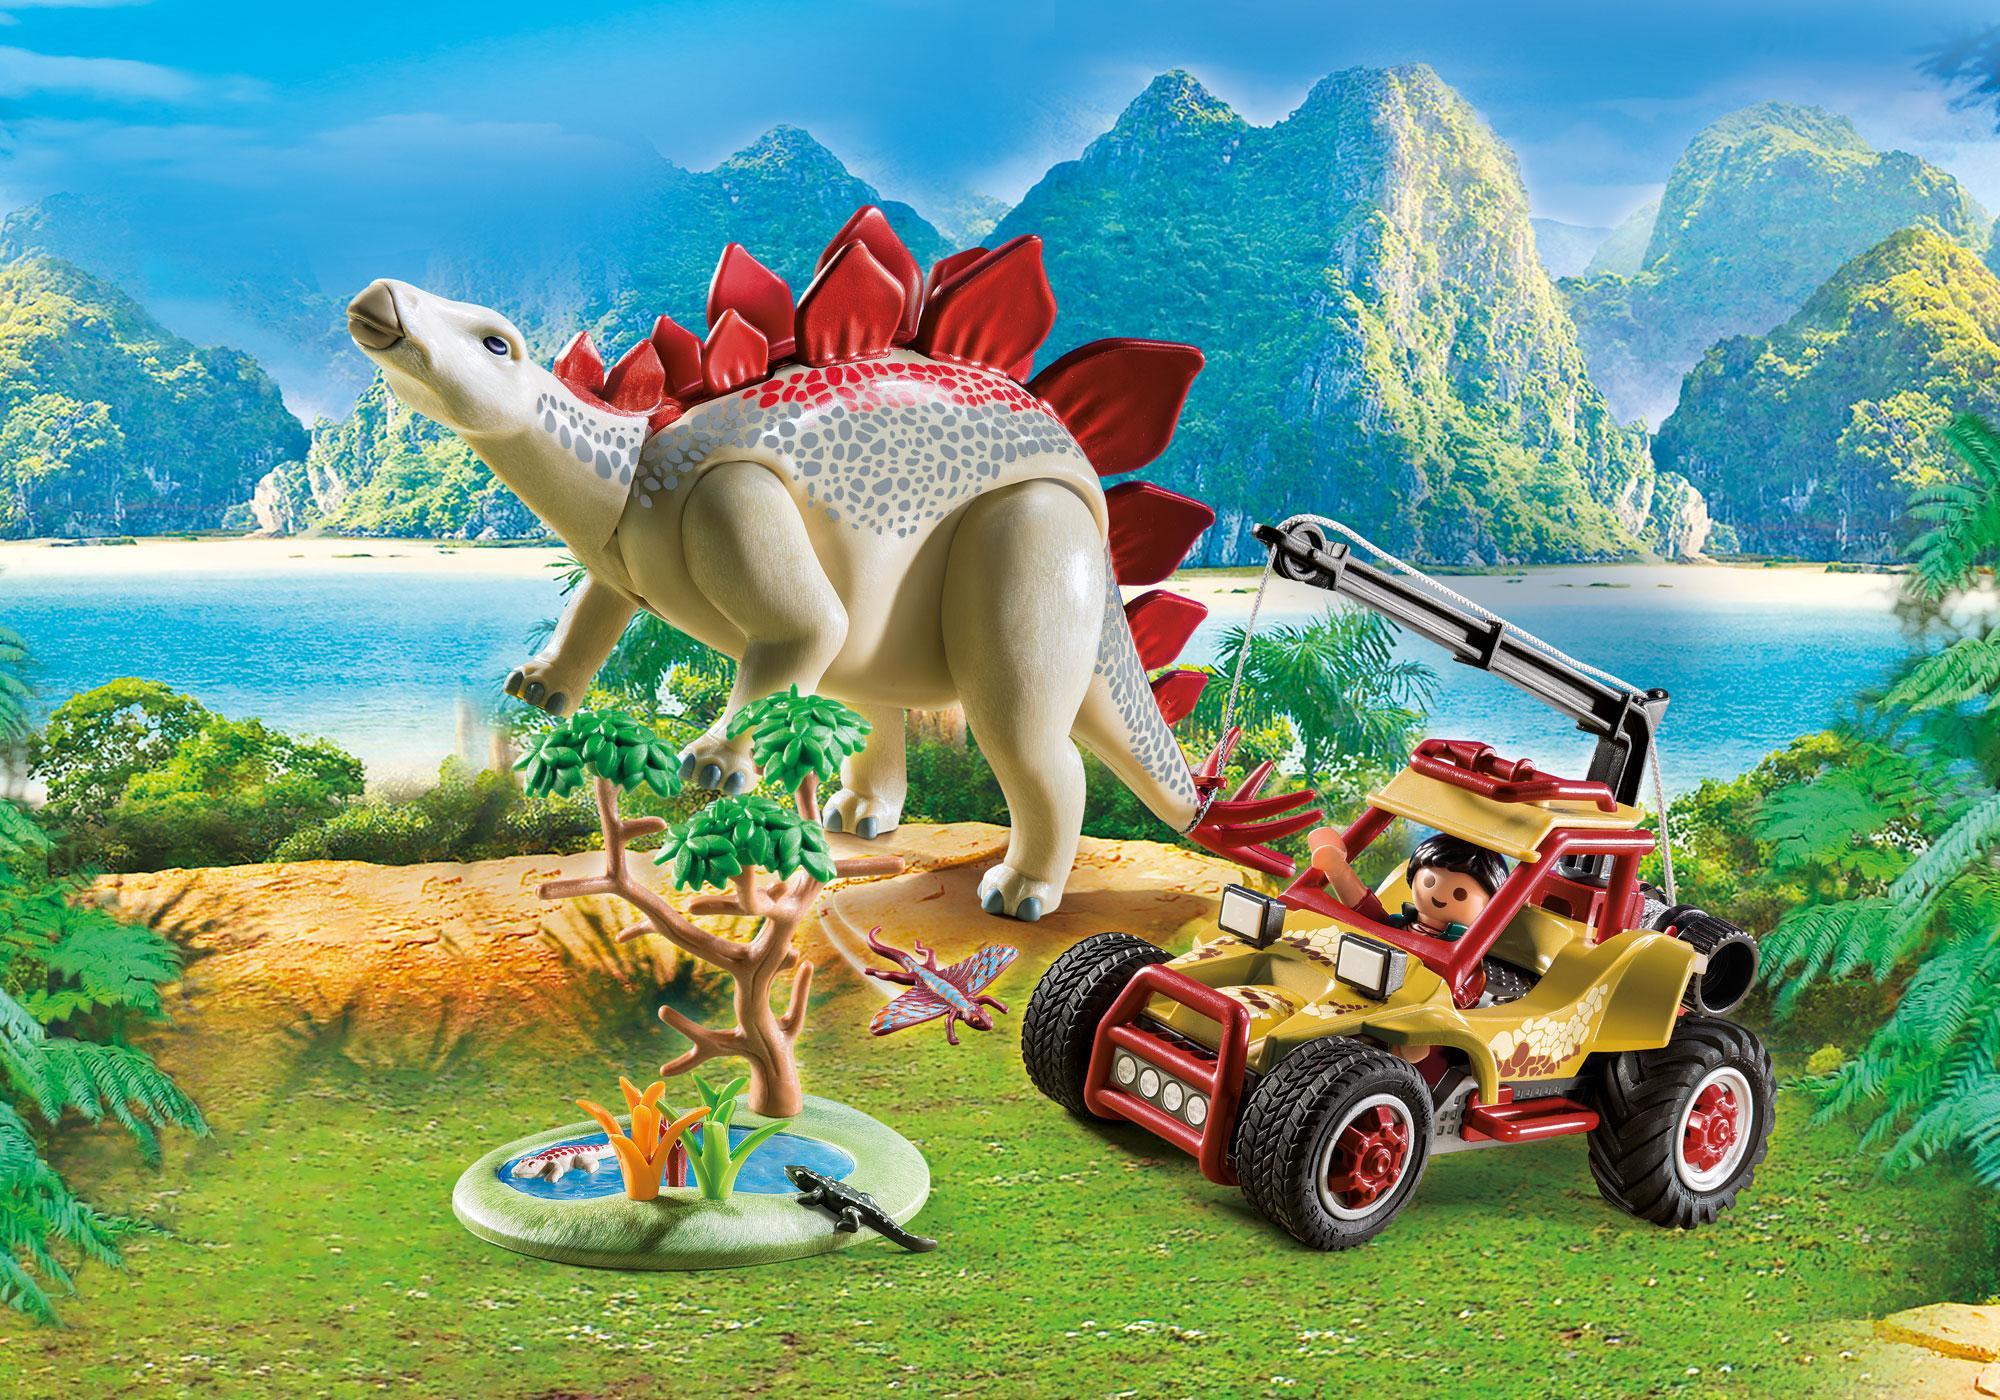 Vehicle With Stegosaurus